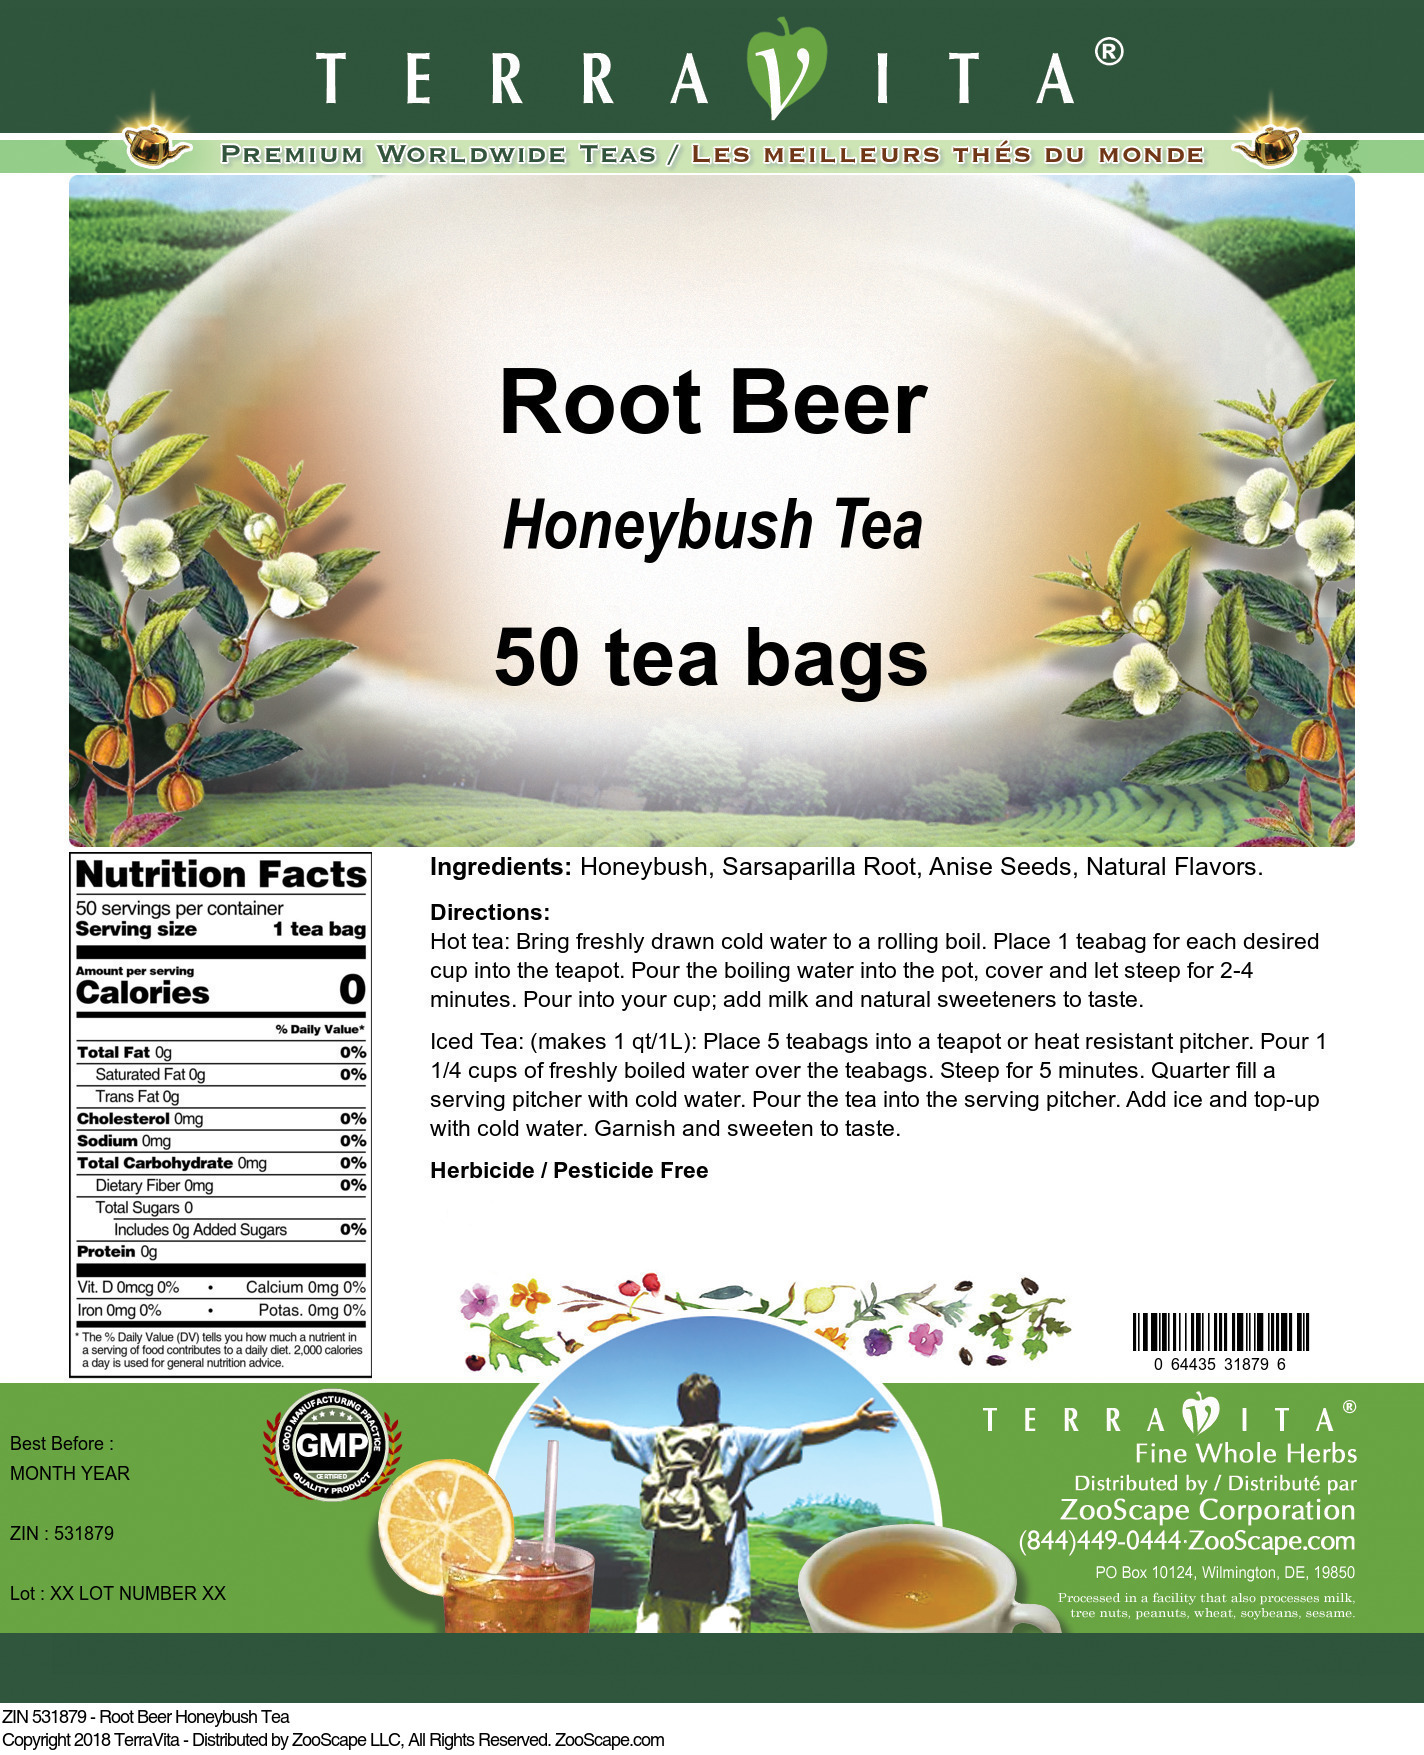 Root Beer Honeybush Tea